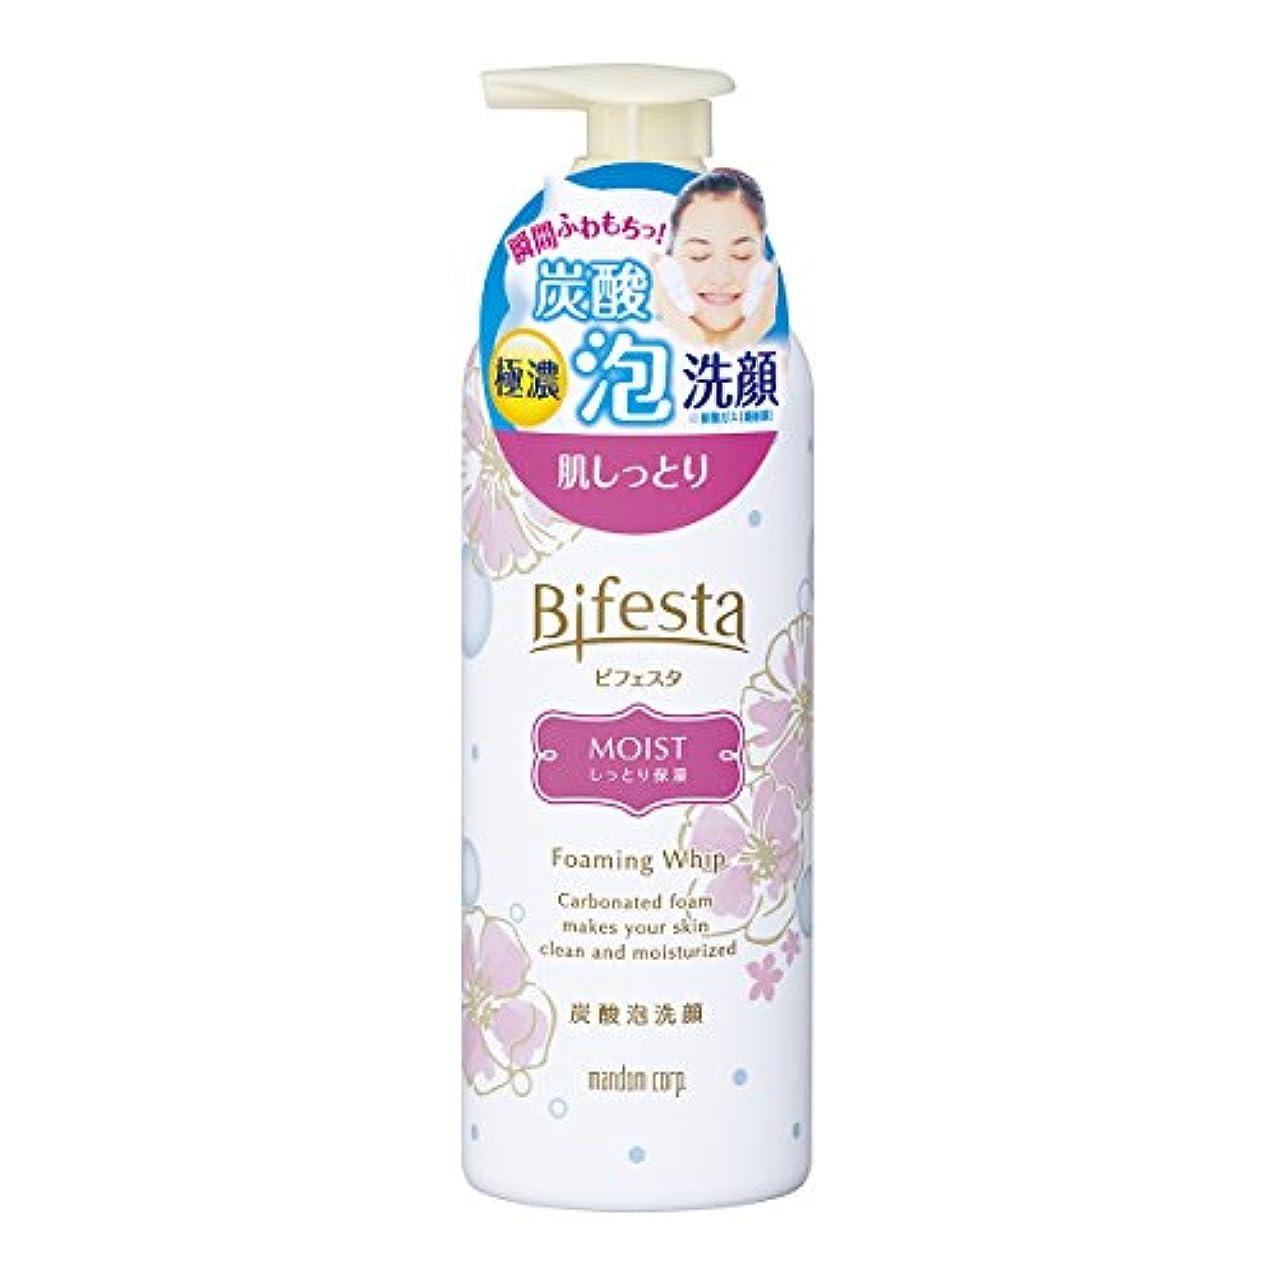 ビフェスタ 泡洗顔 モイスト 180g